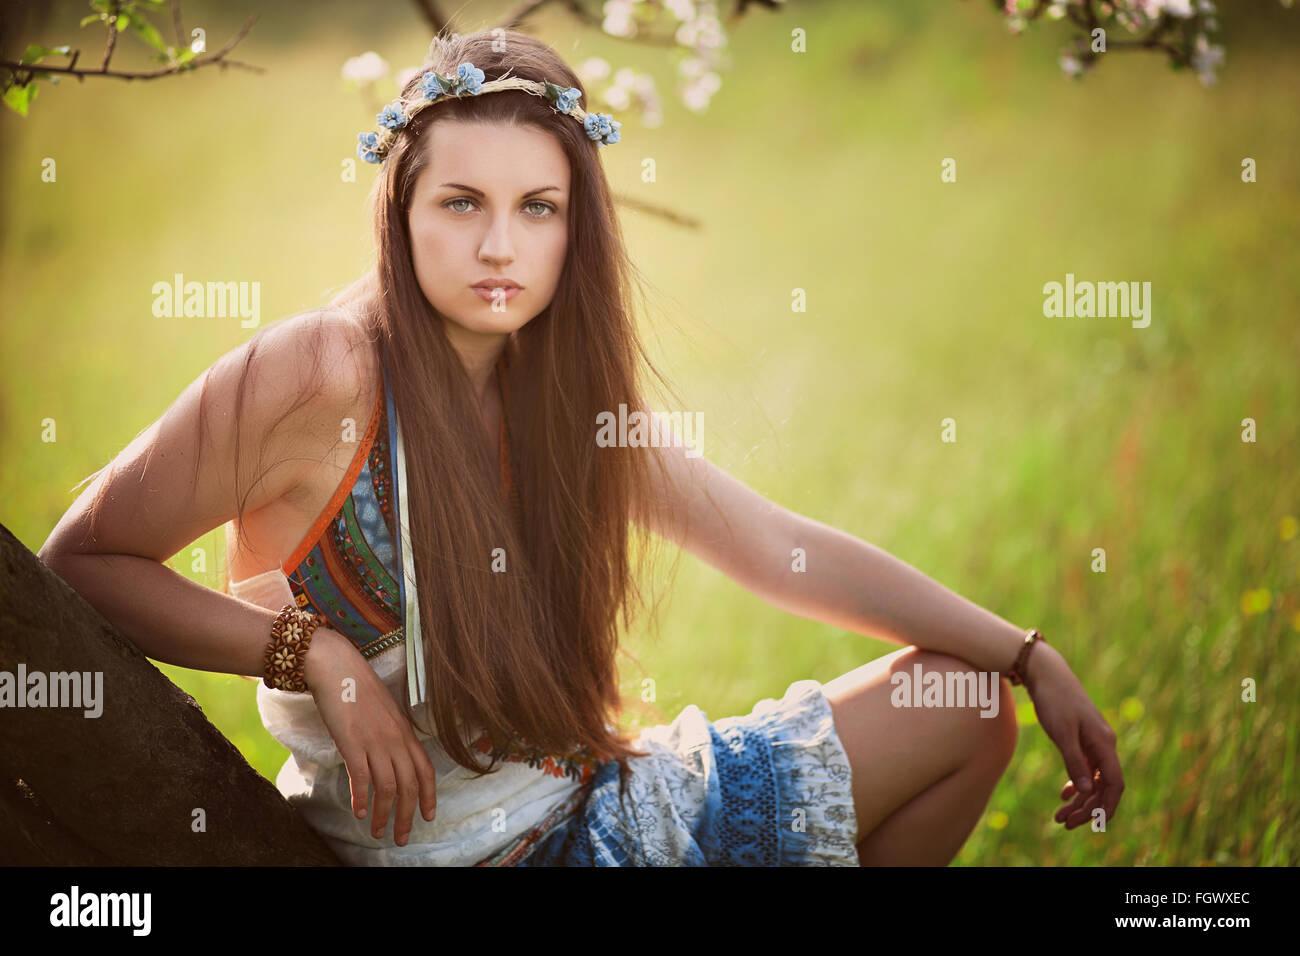 Bella donna hippie appoggiato su una struttura ad albero . La natura e la pace Immagini Stock